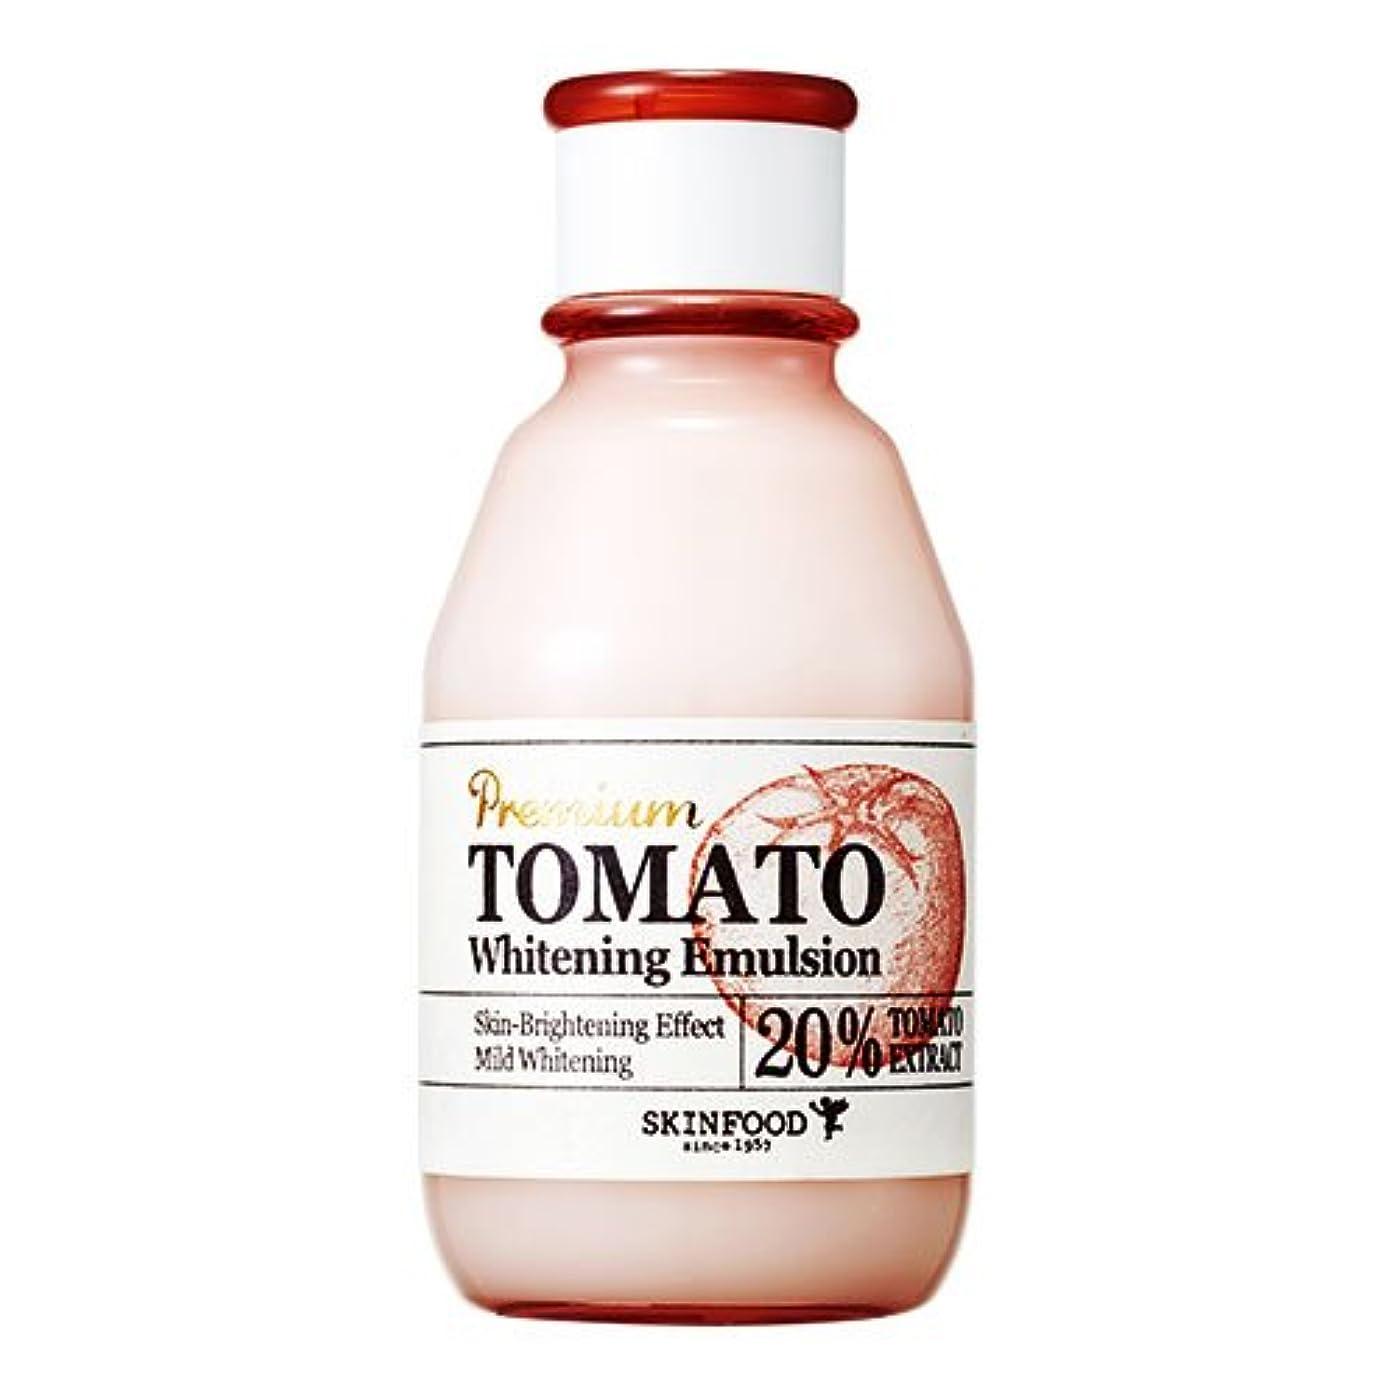 発明する下向き踊り子[スキンフード] SKINFOOD プレミアムトマトホワイトニングエマルジョン Premium Tomato Whitening Emulsion (海外直送品) [並行輸入品]